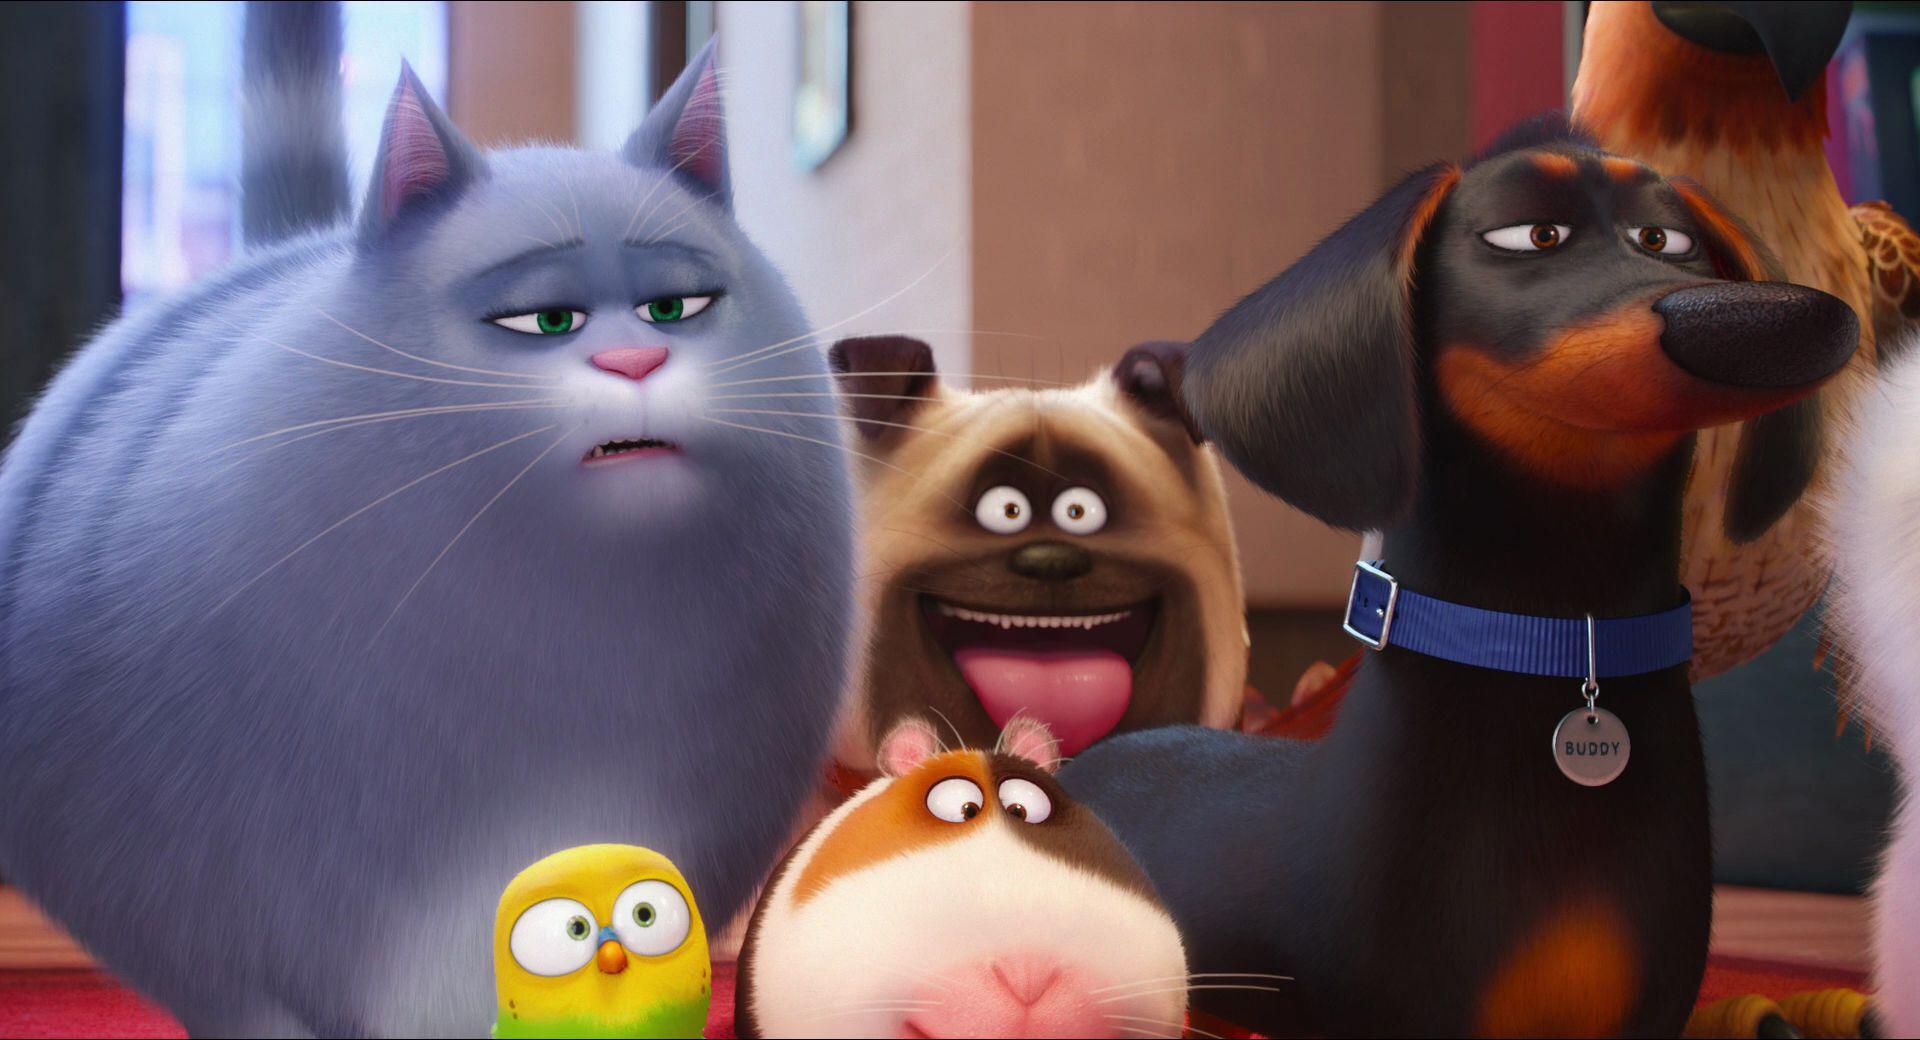 тайная жизнь домашних животных картинки персонажей хлоя